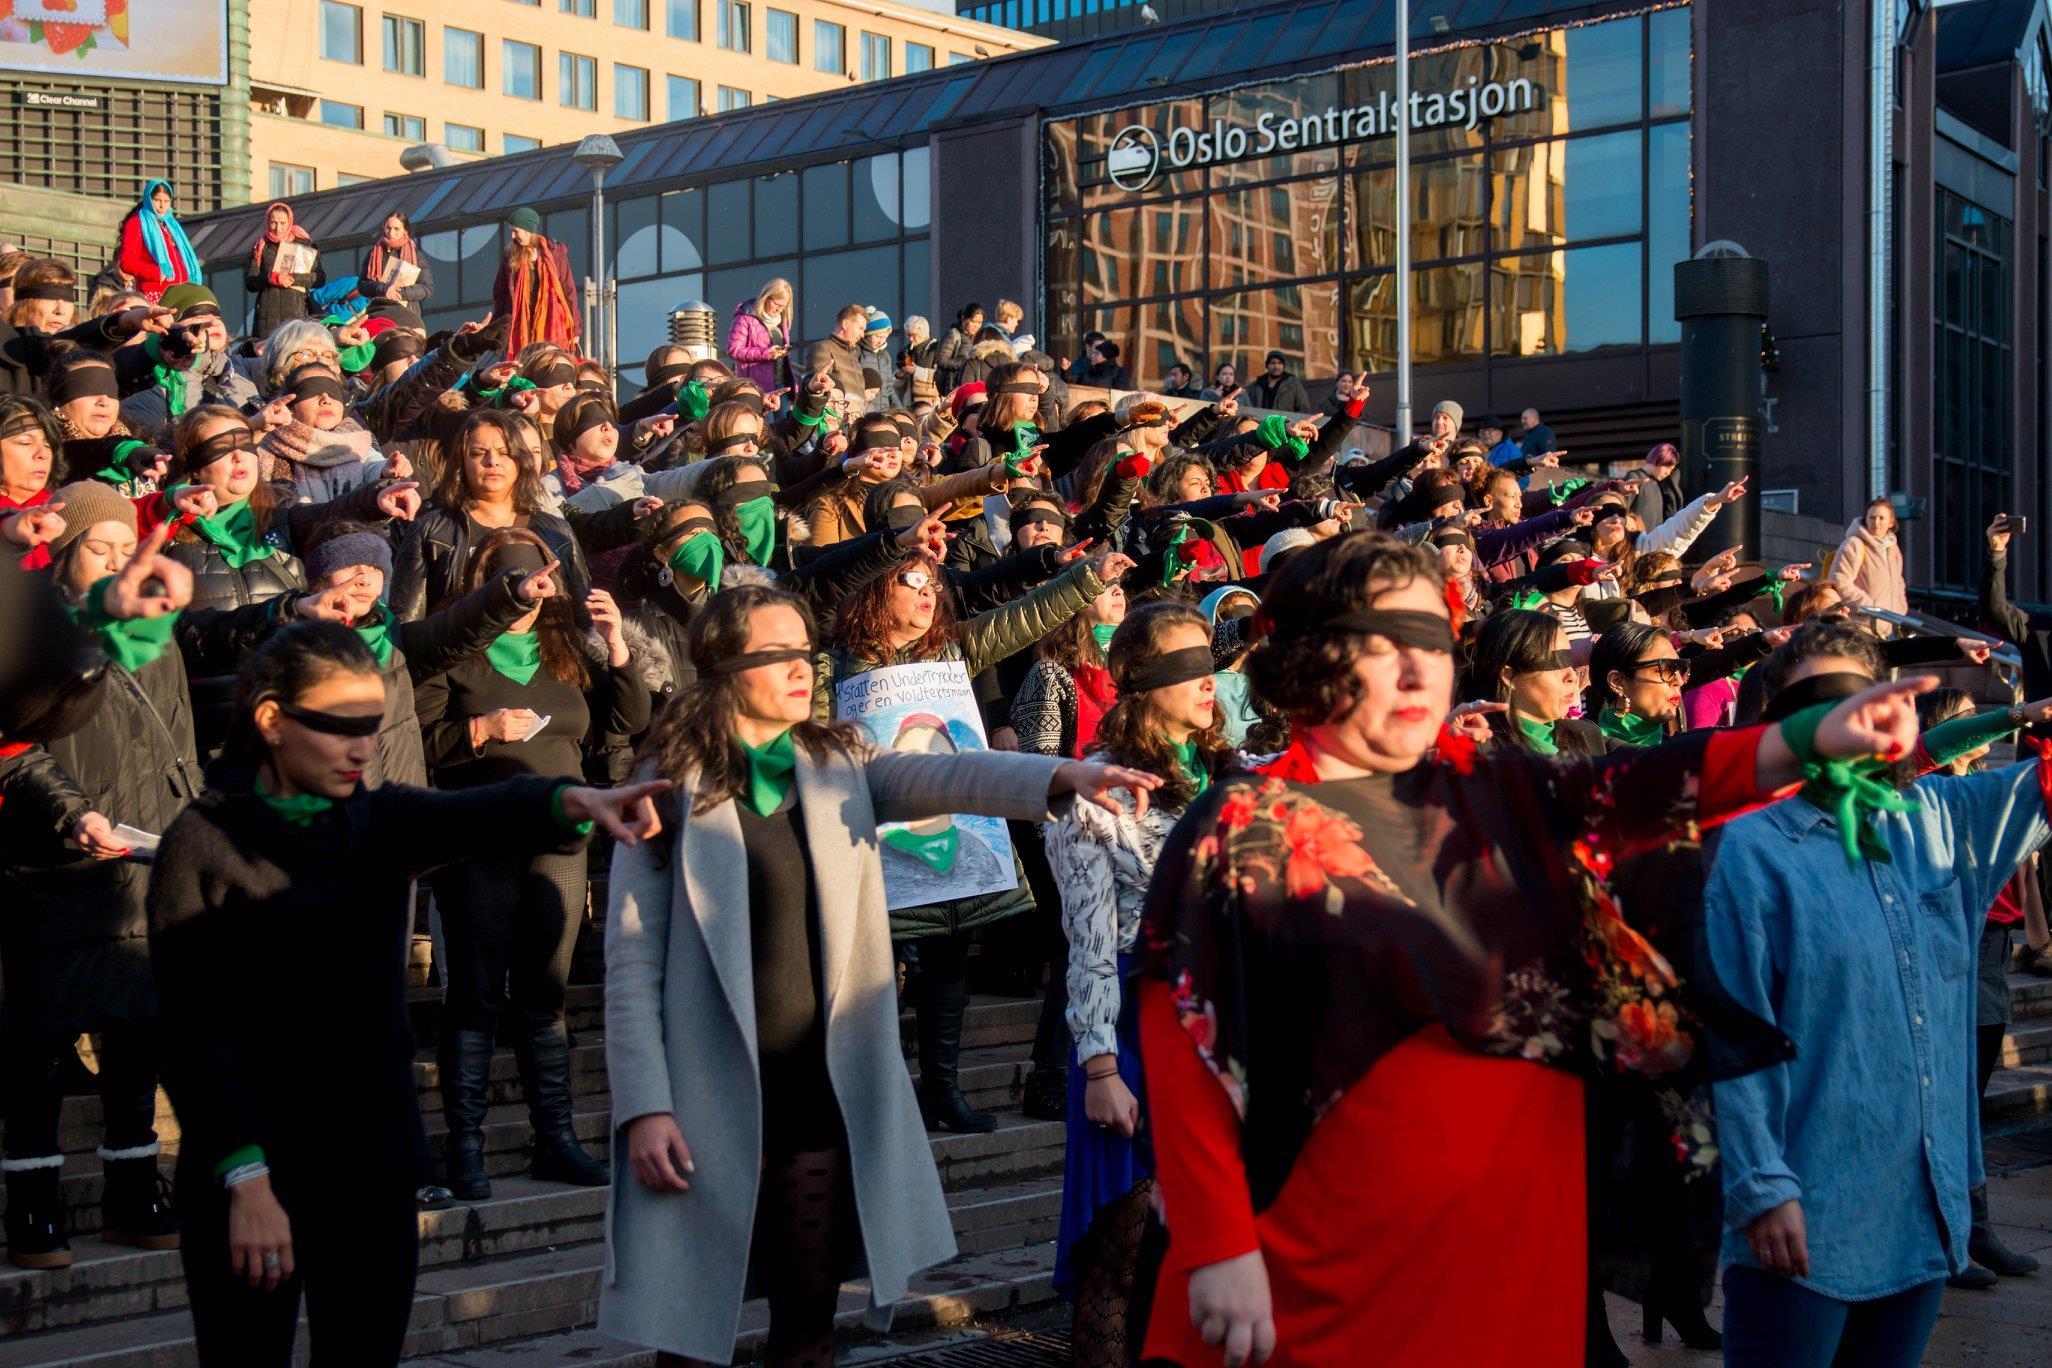 """Flashmob av """"Un violador en tu camino - Lastesis"""" ved Jernbarnetorget, Oslo 2019. Foto: Ingvild Eide Leirfall"""